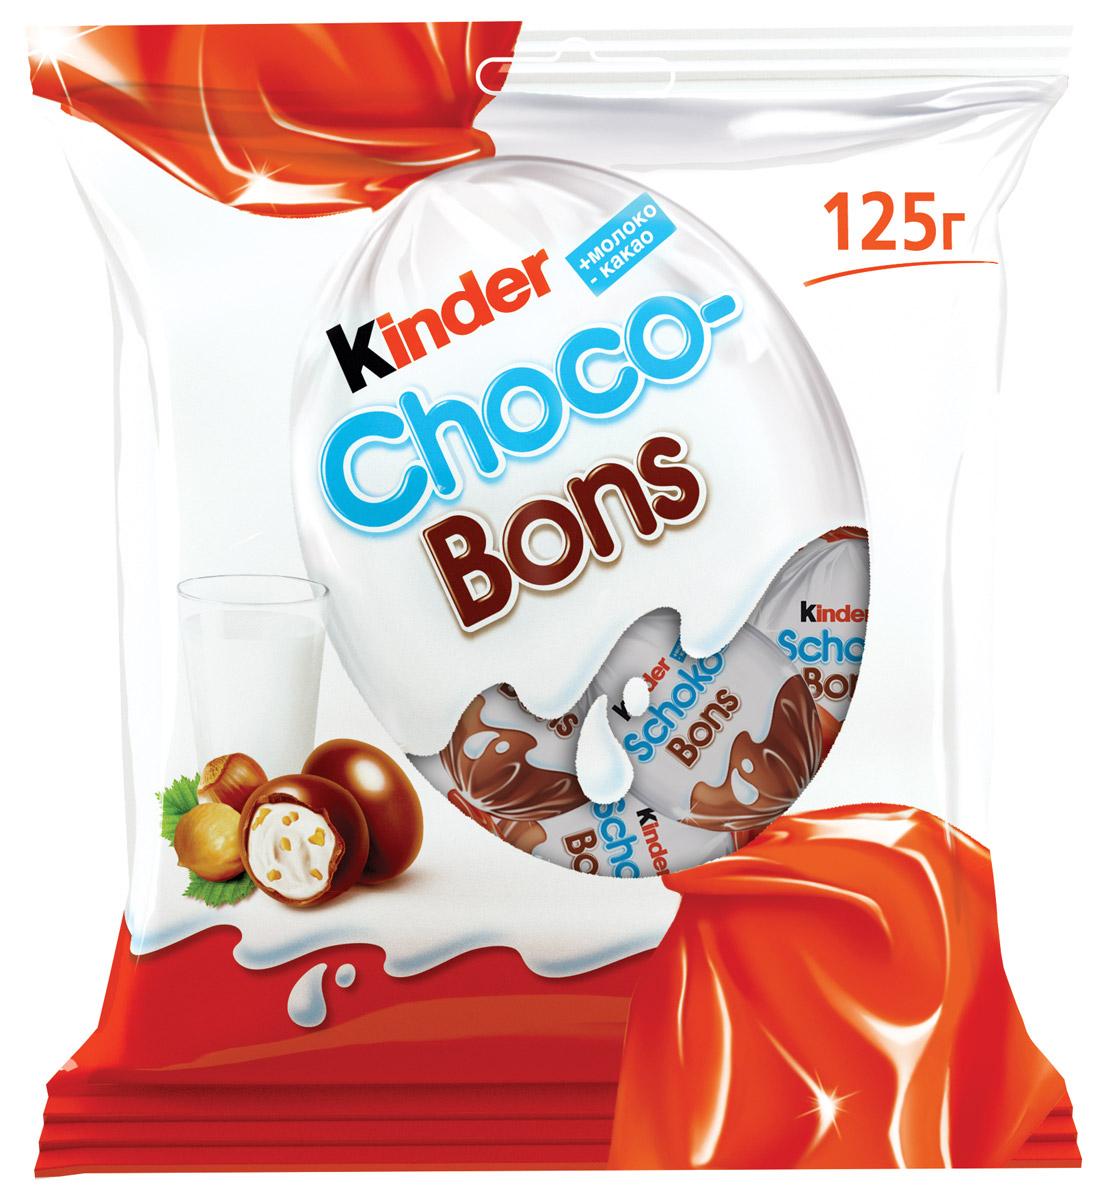 Kinder Choco Bons конфеты из молочного шоколада с молочно-ореховой начинкой, 125 г77121210/77111751/77096053Нежная молочная начинка, кусочки лесных орехов и неповторимый вкус шоколада. Kinder Choco-Bons производится на одной из фабрик компании Ферреро в Бельгии, славящейся своими шоколадными традициями. Удобные пакетики разных размеров (46 г и 125 г) подойдут и для скромной, и для большой компании! Конфетки в индивидуальной упаковке удобно брать с собой. Дома, в школе, на прогулке – наслаждайтесь сами, радуйте друзей и близких каждый день!